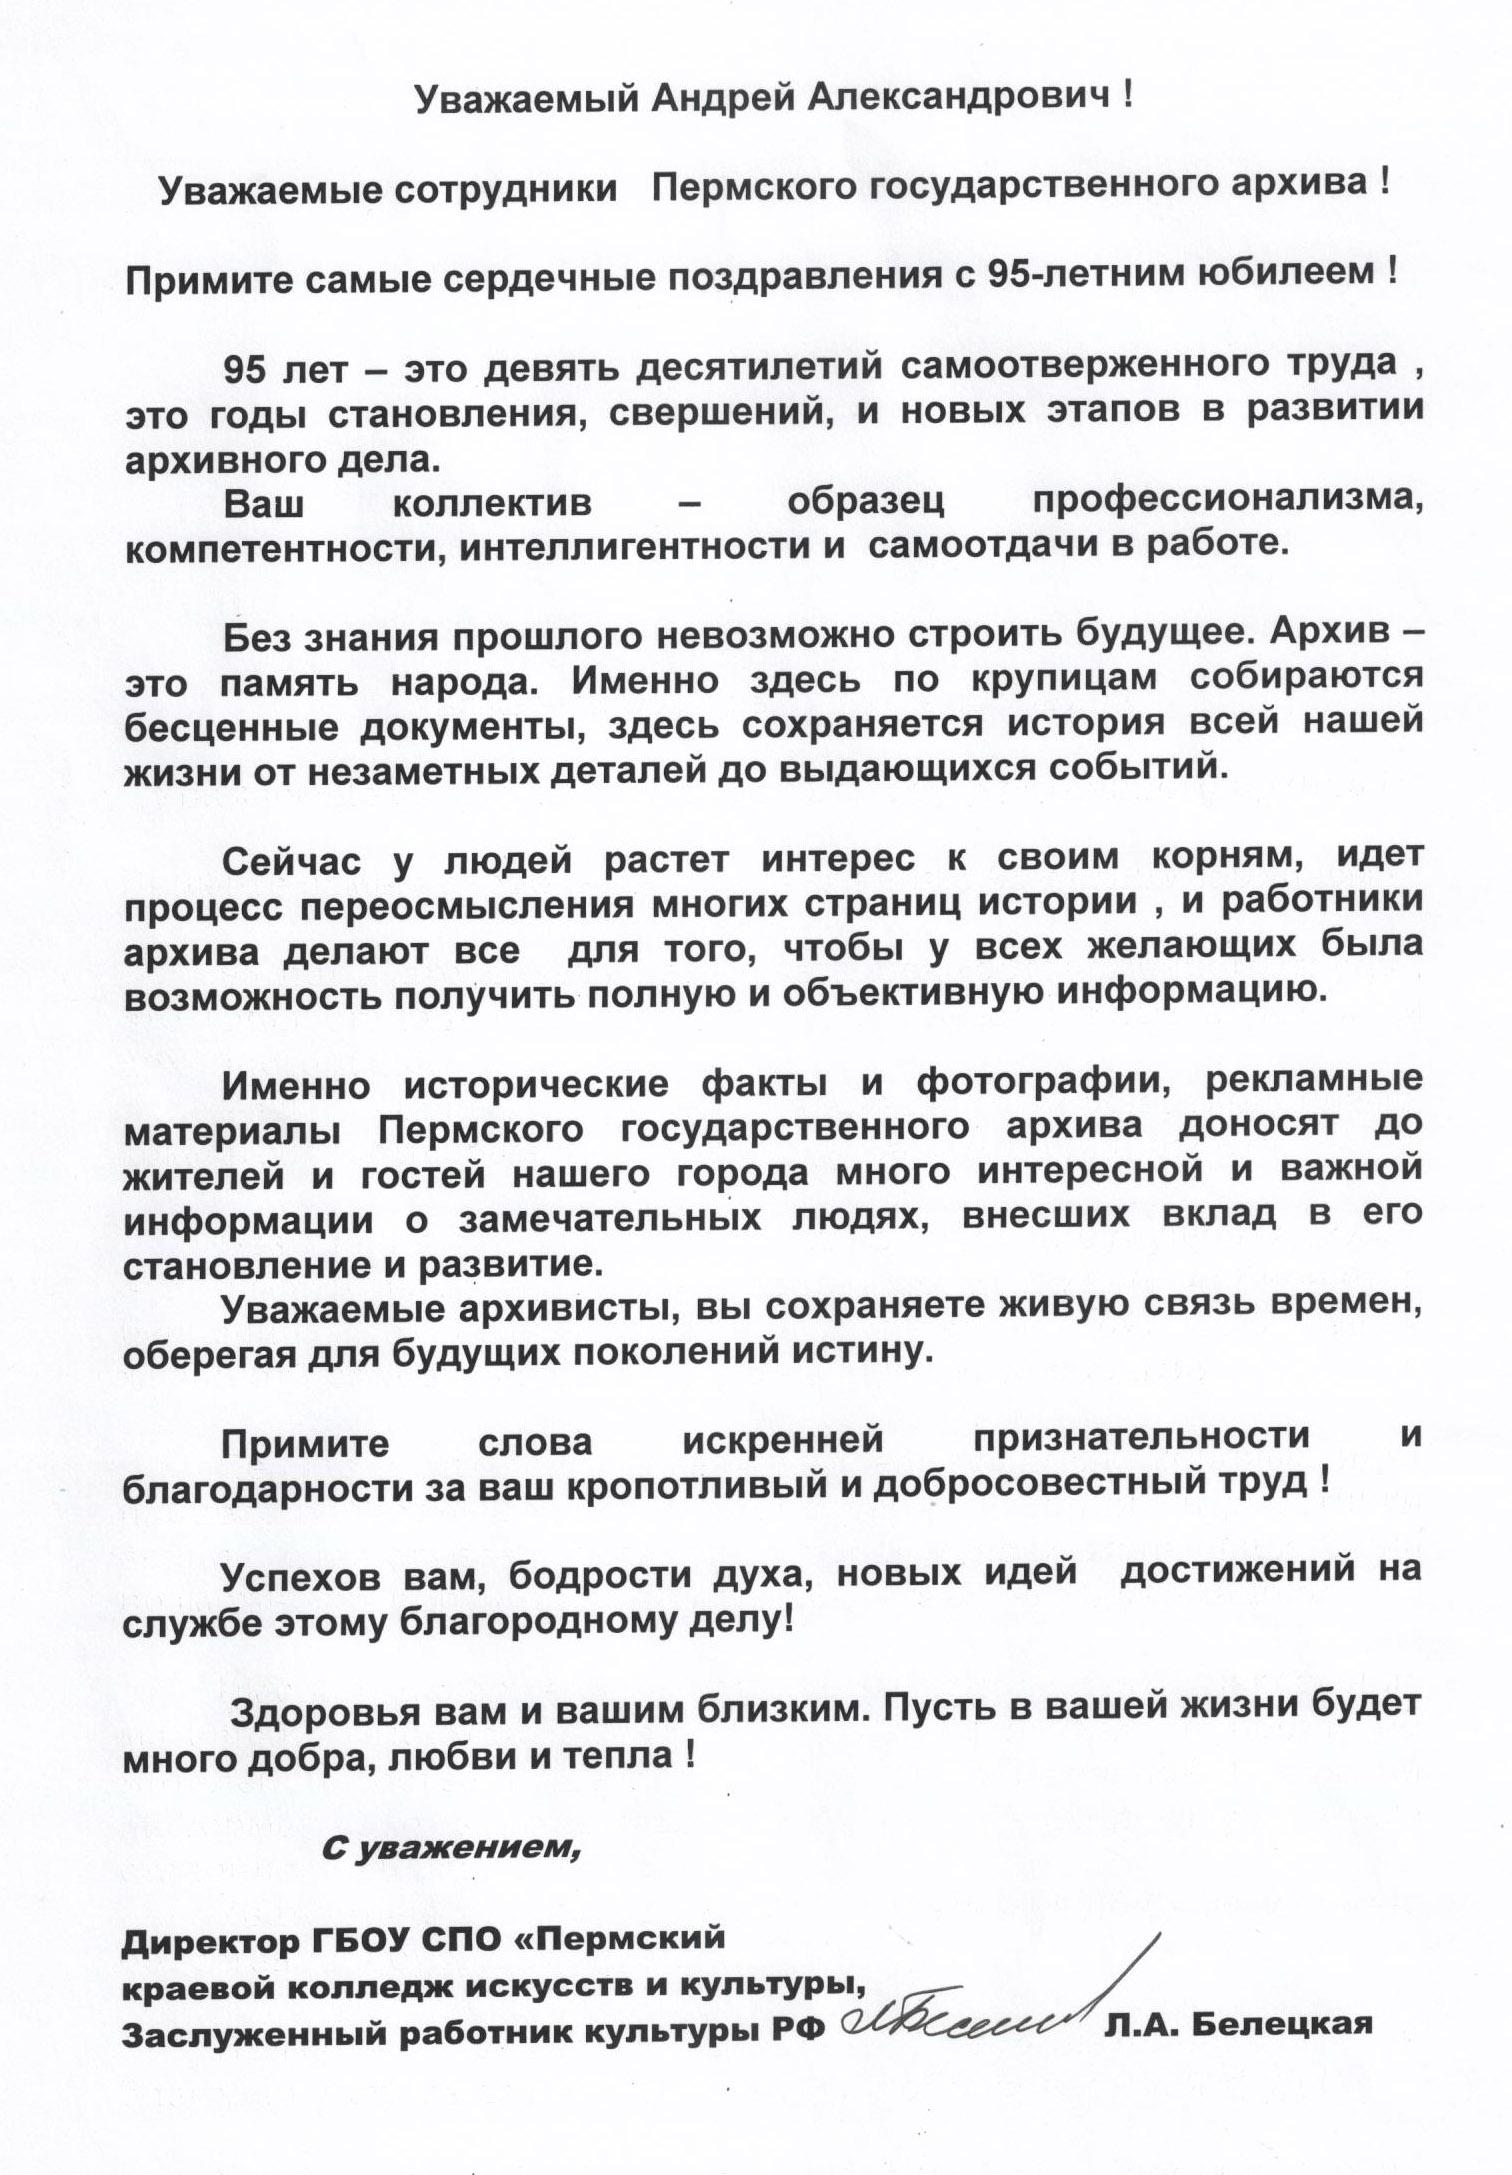 Путин и Собянин поздравили москвичей с Днем 42